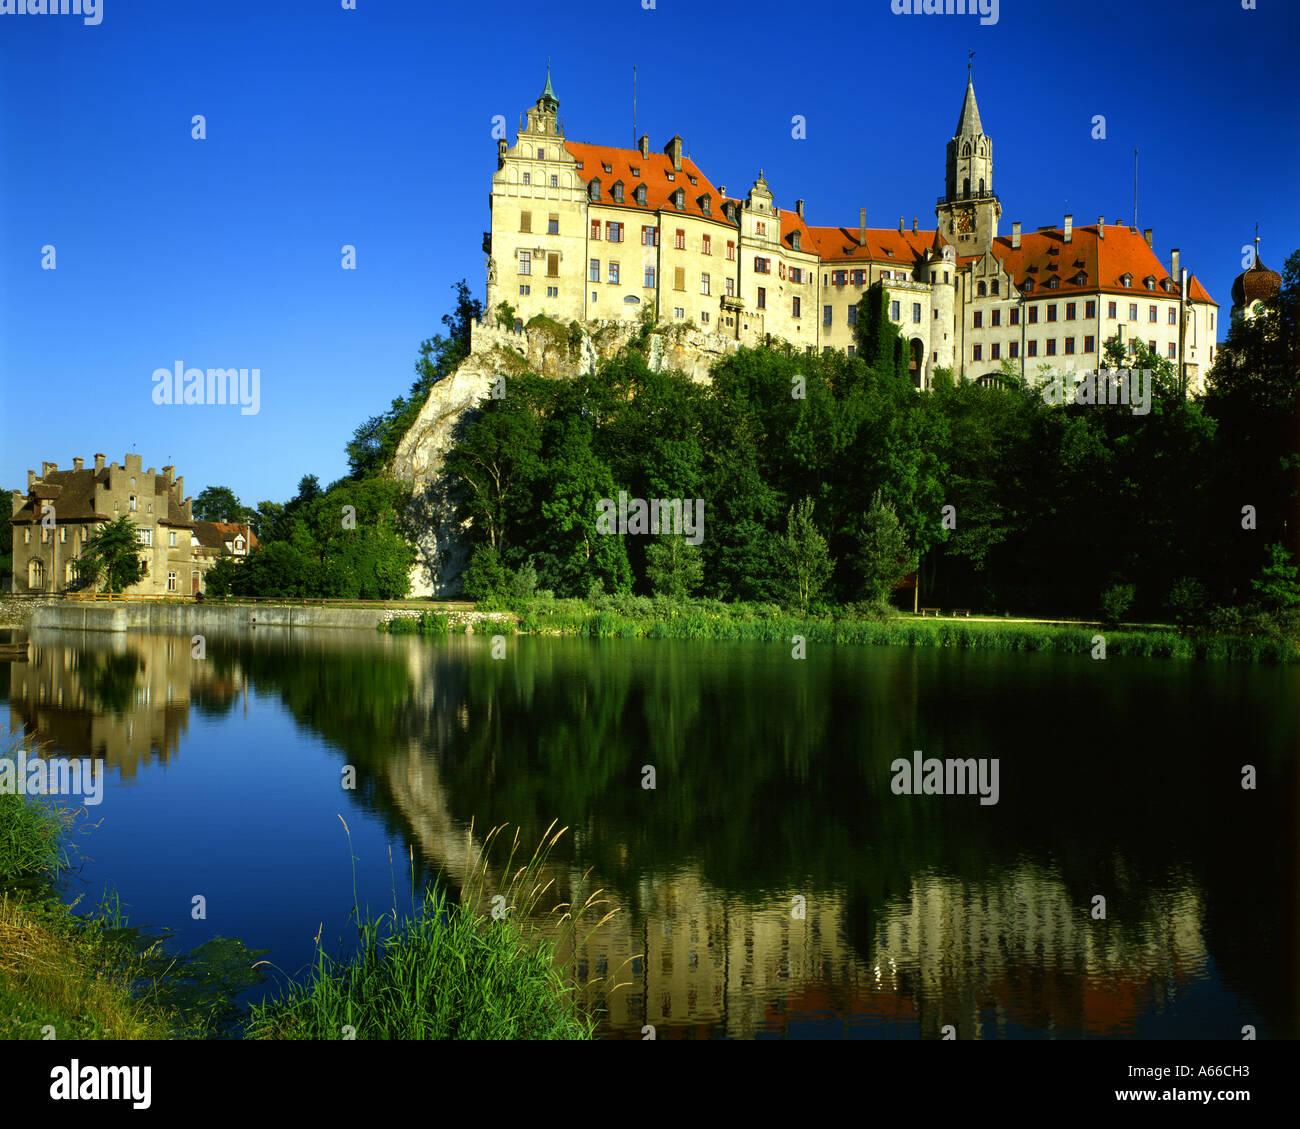 DE - BADEN WÜRTTEMBERG: Castillo de Hohenzollern Sigmaringen y el río Danubio Imagen De Stock